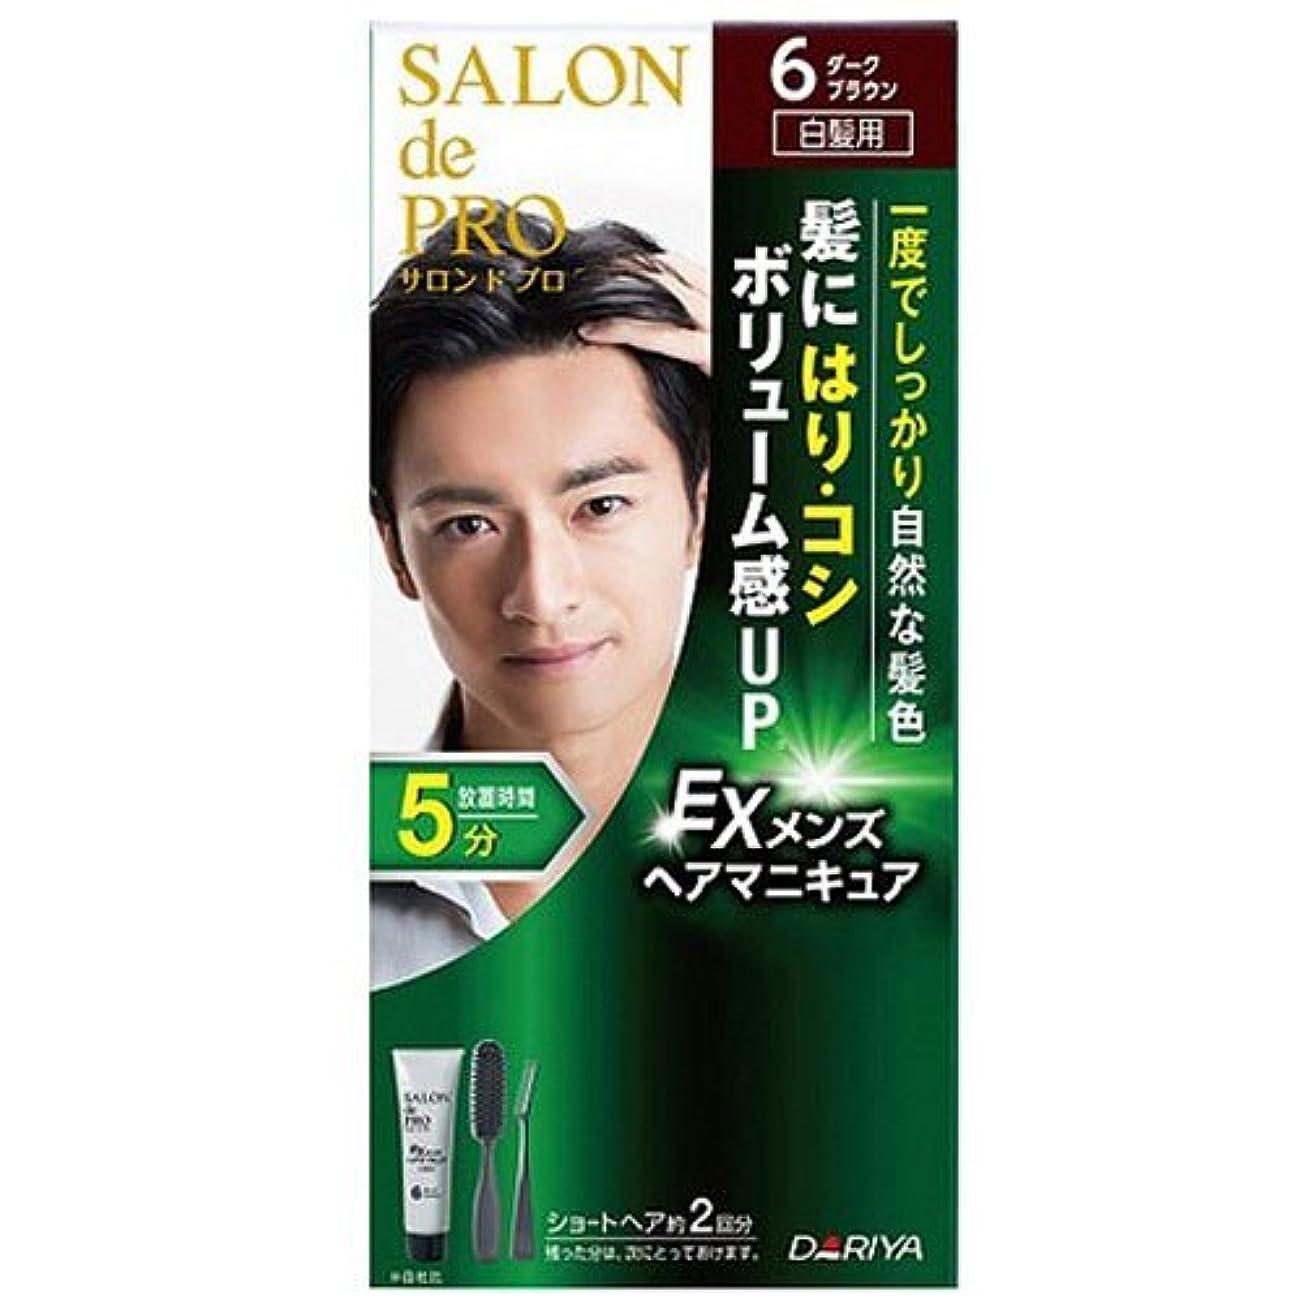 連想運命リブサロンドプロ EXメンズヘアマニキュア 白髪用 6 ダークブラウン